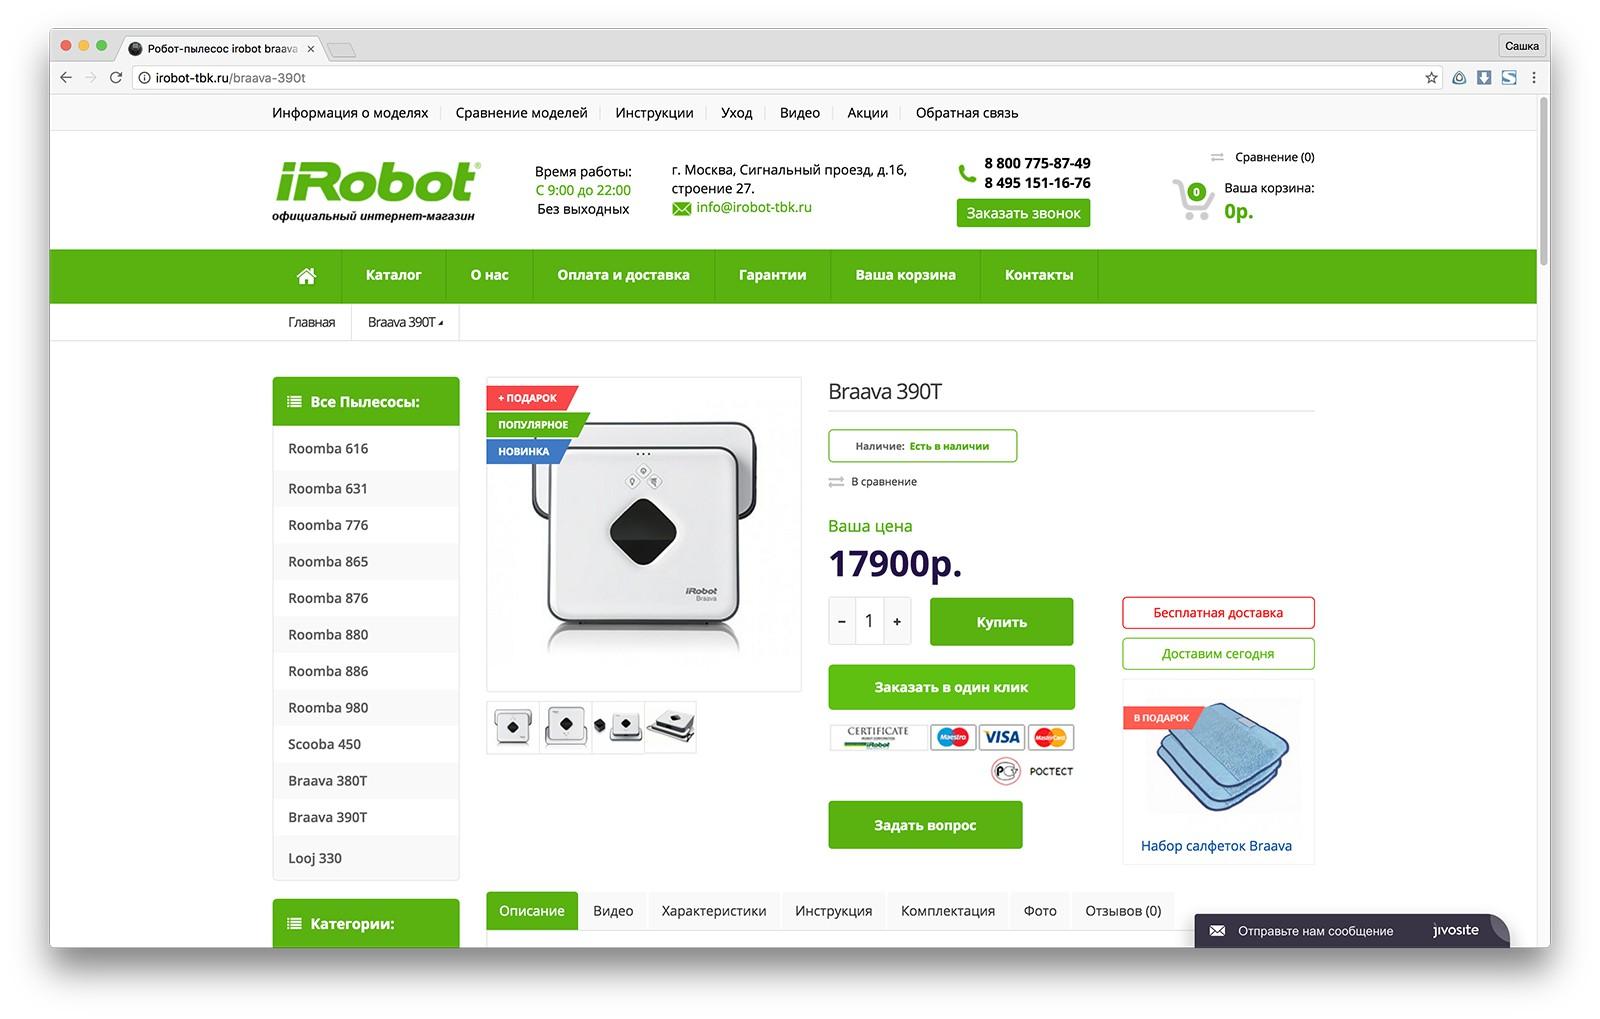 iRobot-tbk